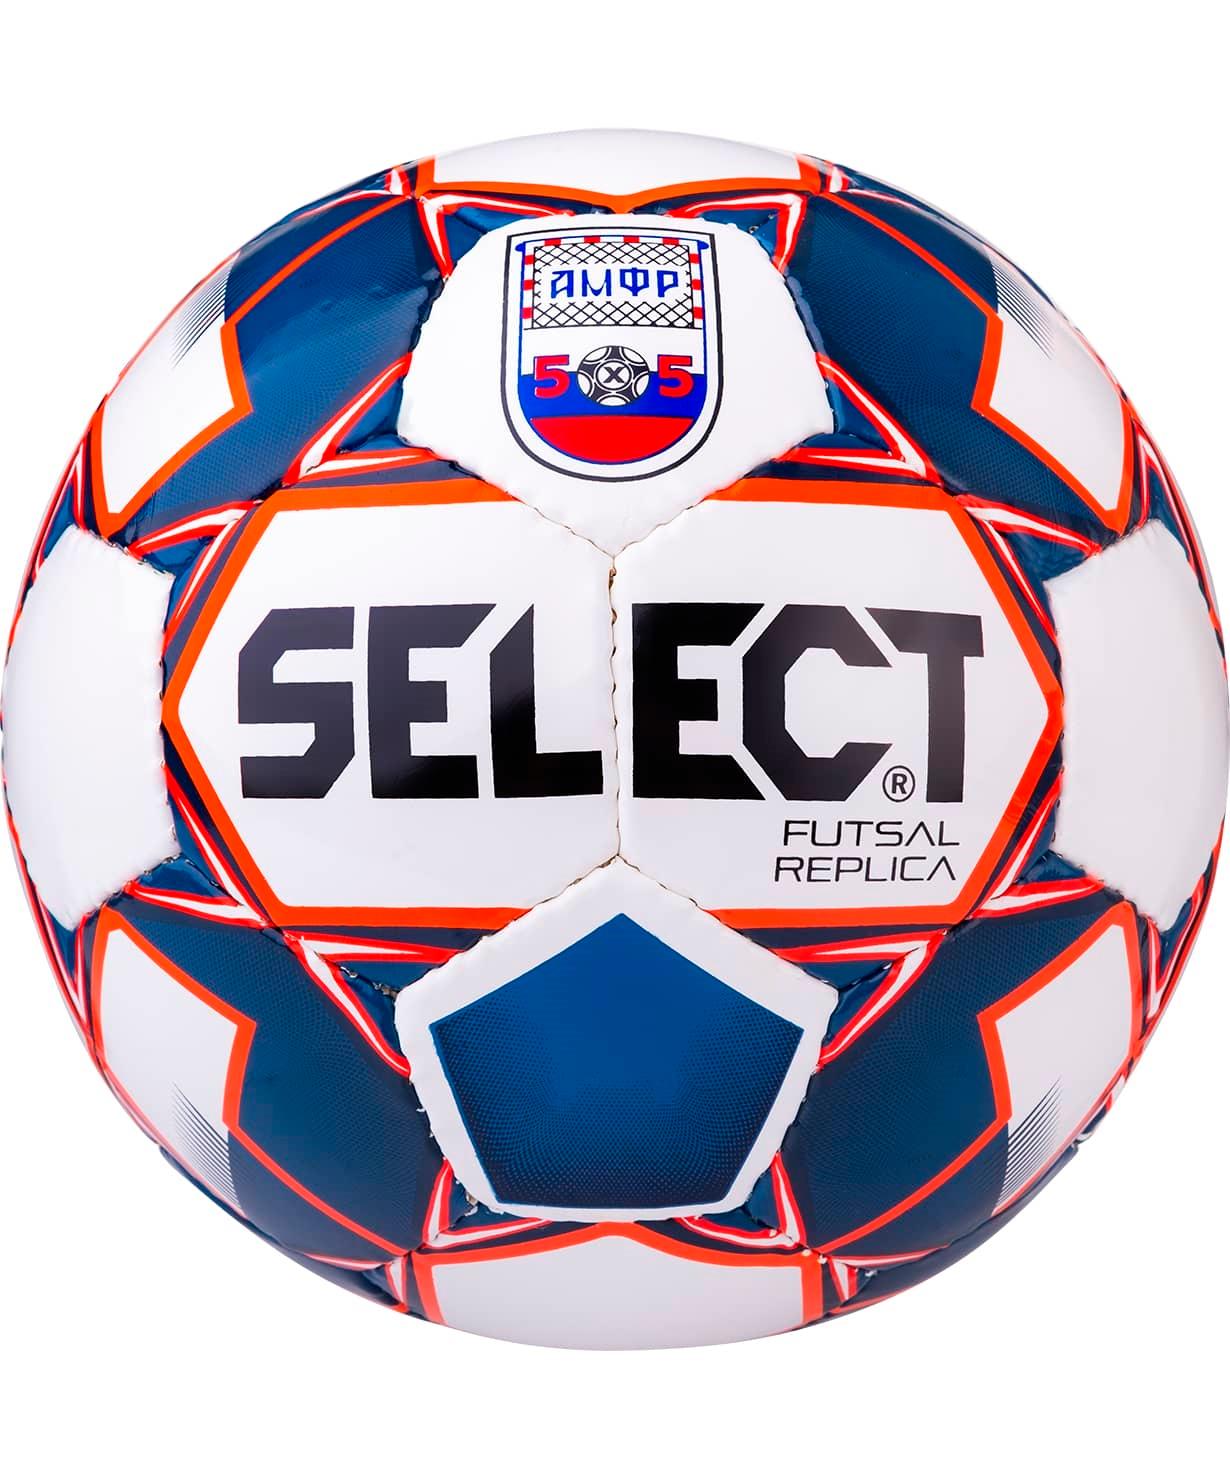 Мяч футзальный Replica АМФР, бел/син/красный